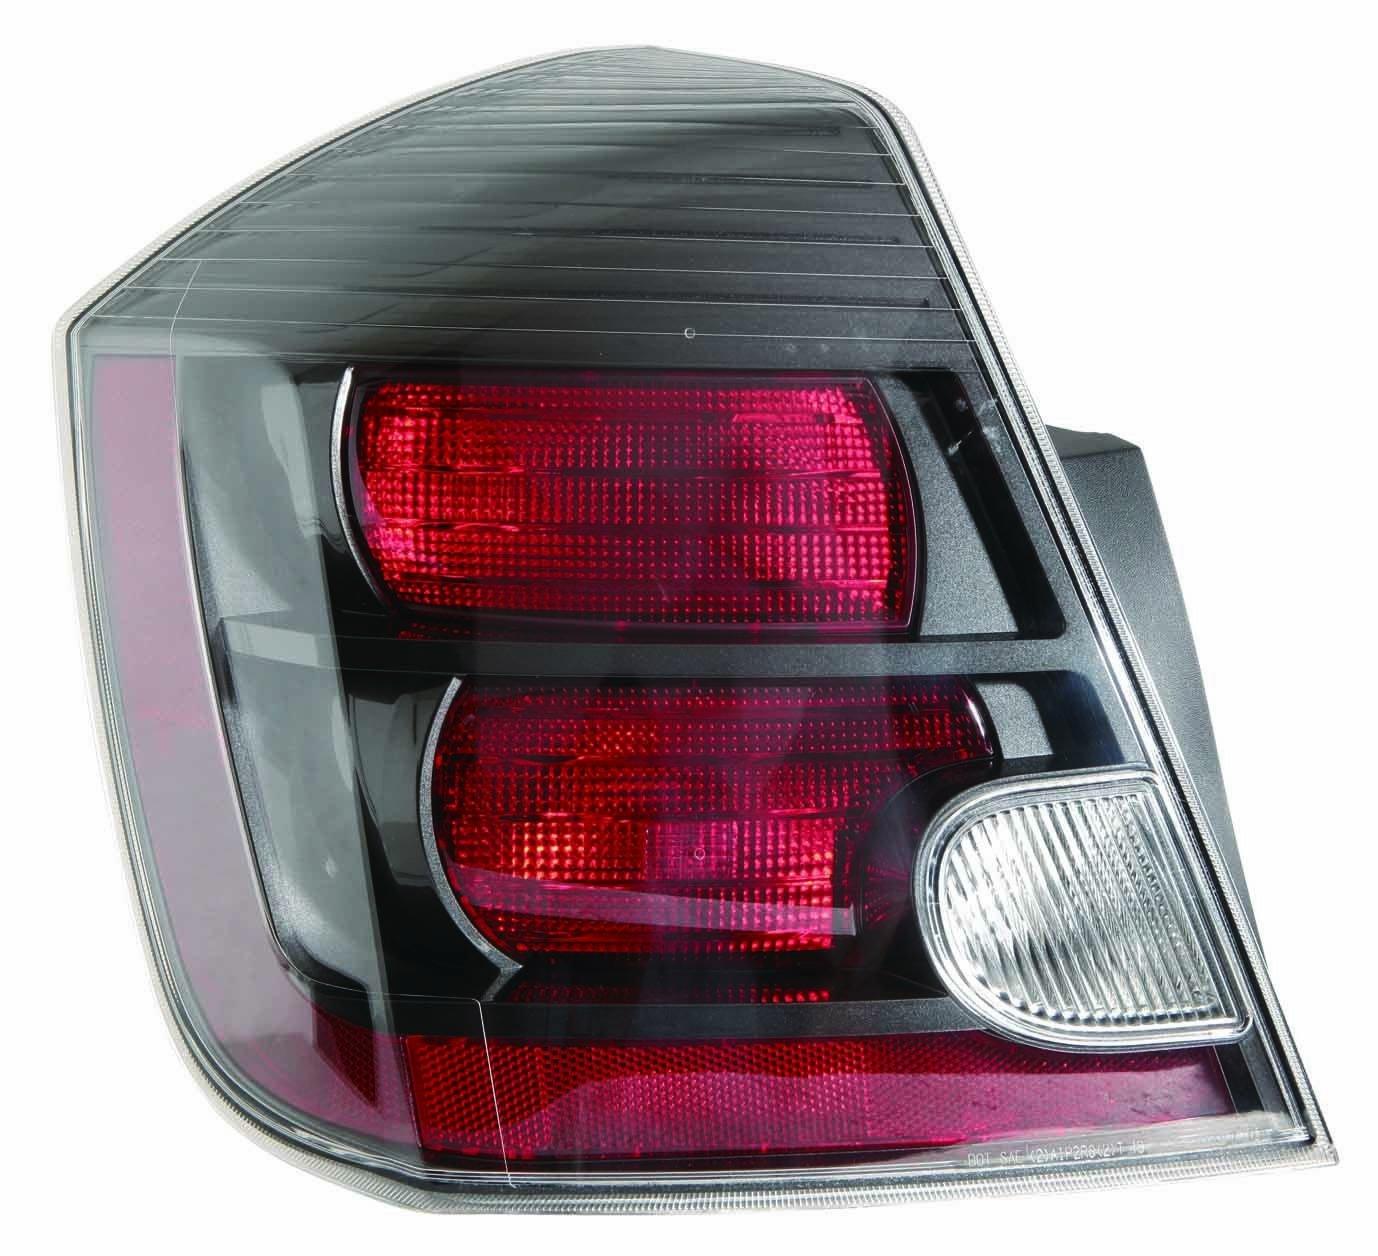 Nissan Sentra 10-12 Tail Light Assembly 2.5L Engine (SR.SE-R.SE-R SPEC V Model) LH USA Driver Side NSF DEPO 315-1958L-AFN2